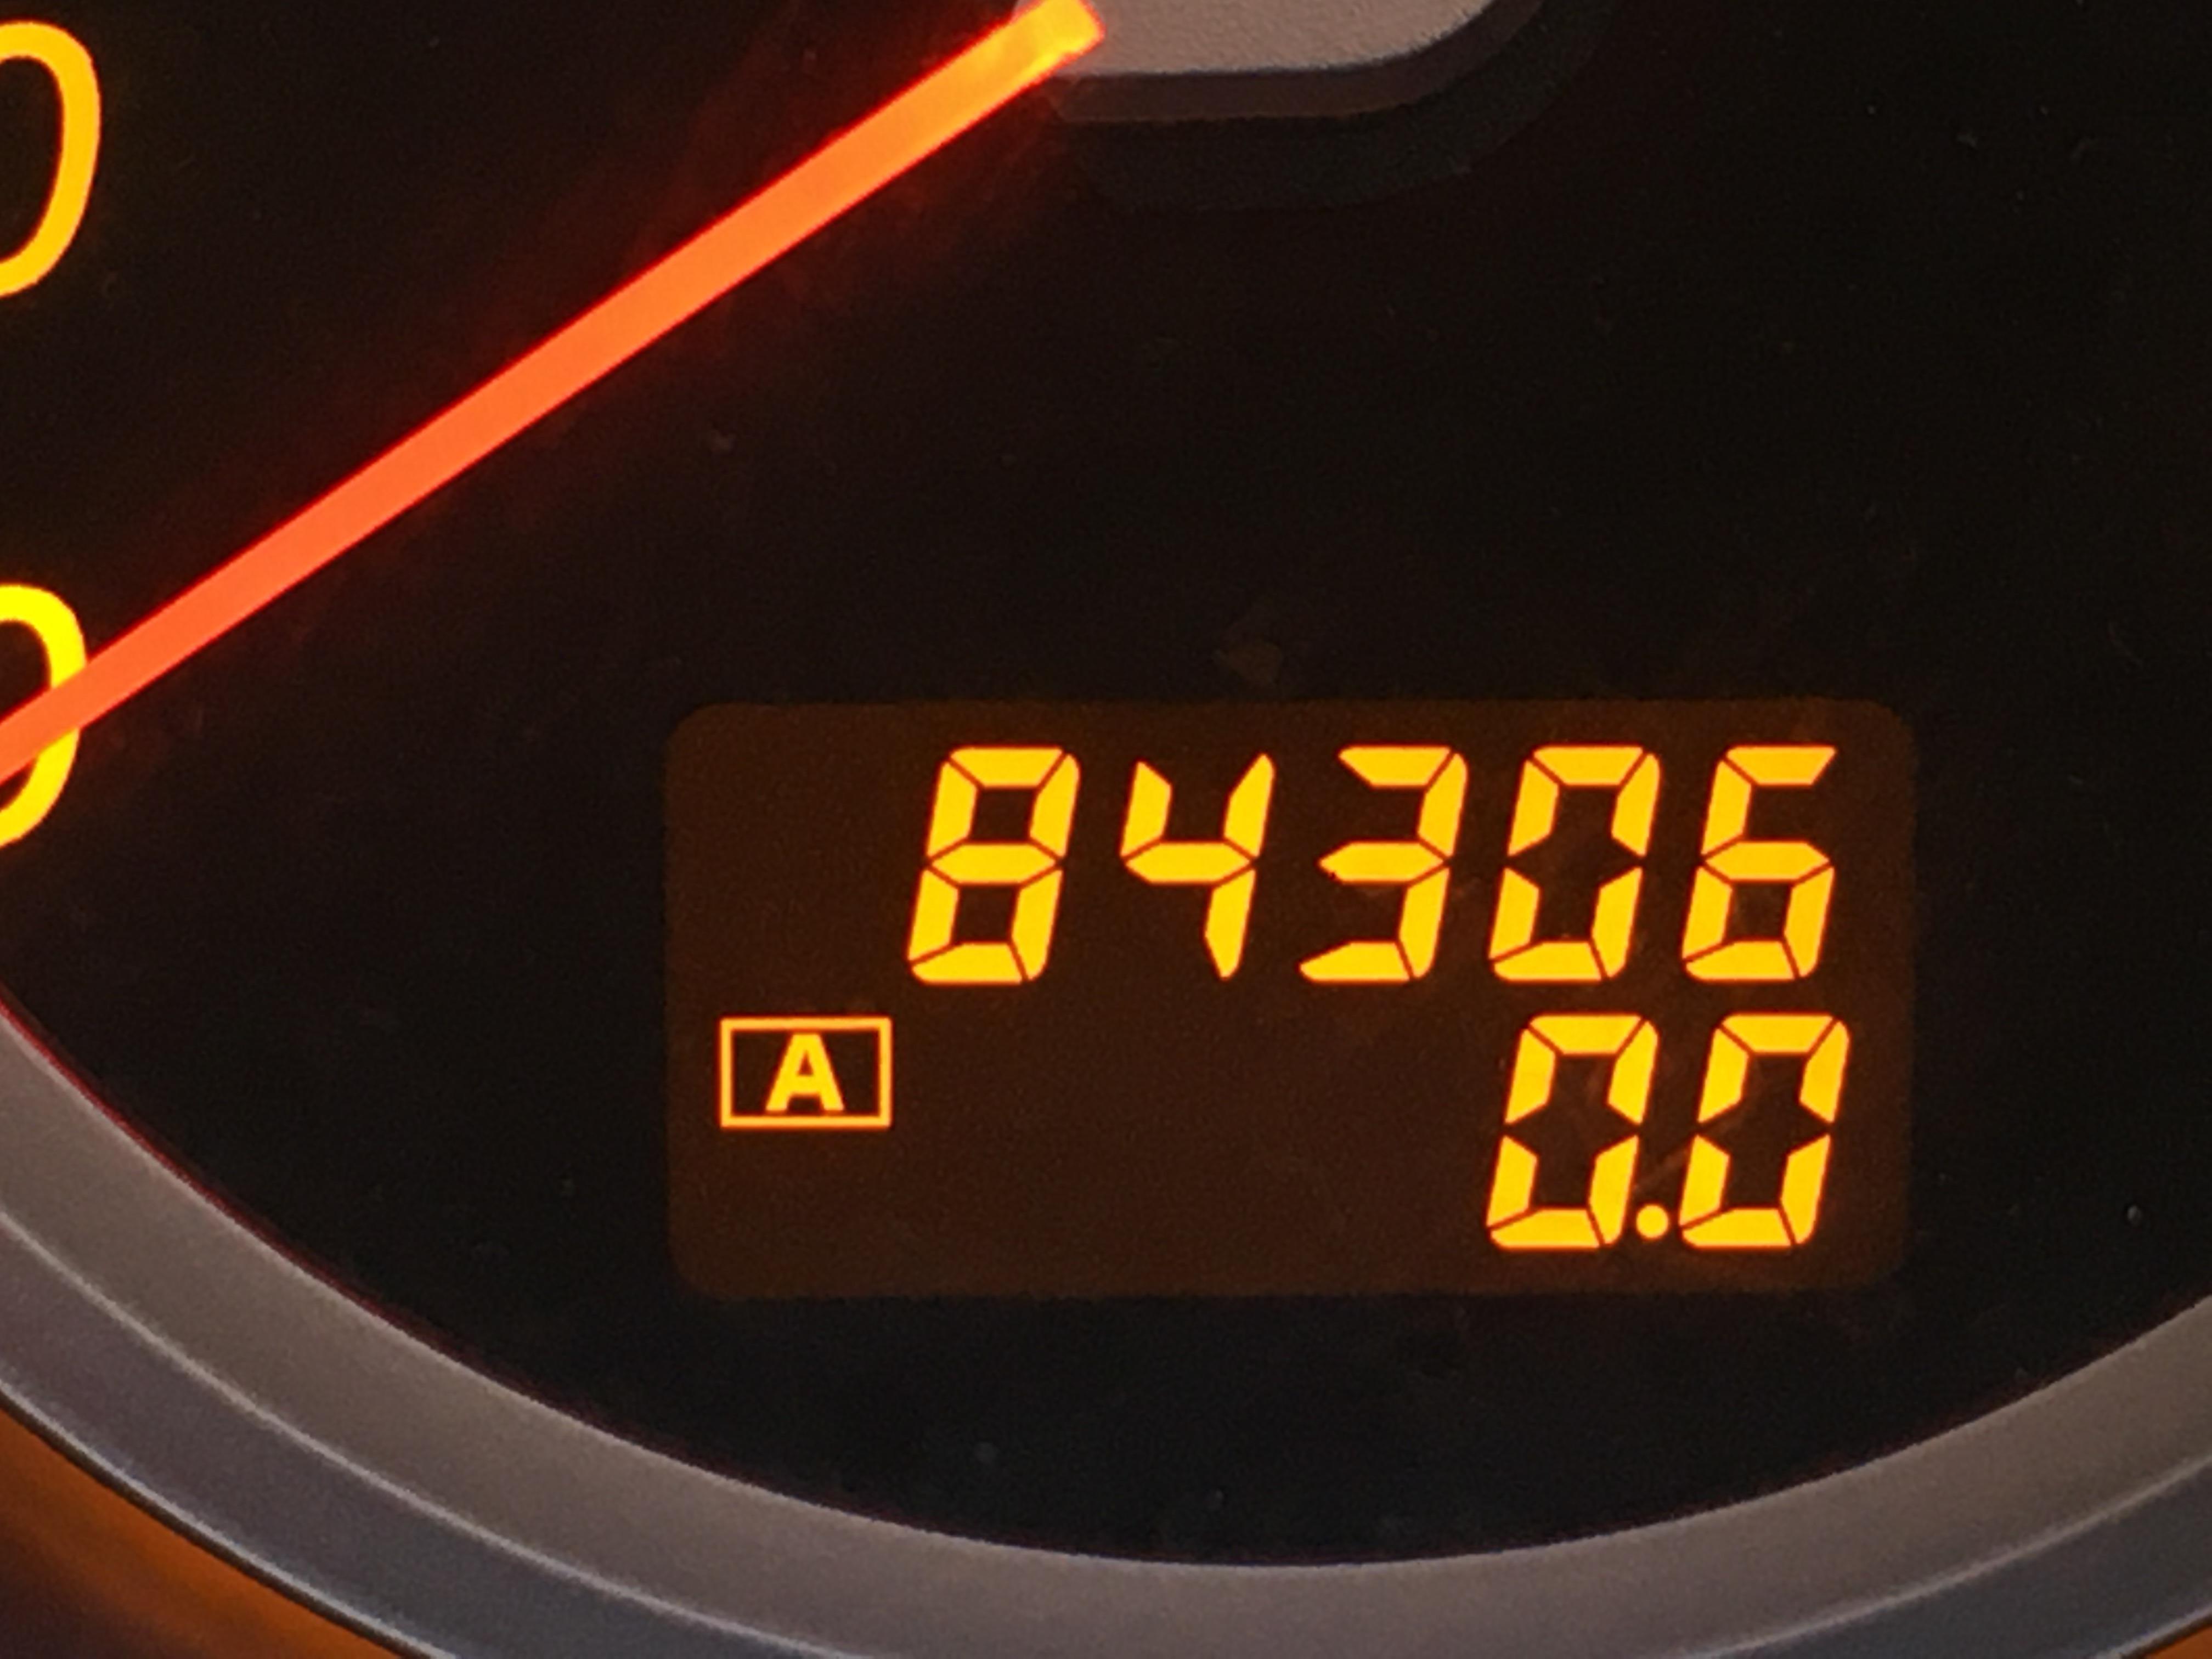 スピードメーター - フーガ  Ref:SP270806_6140     3/3